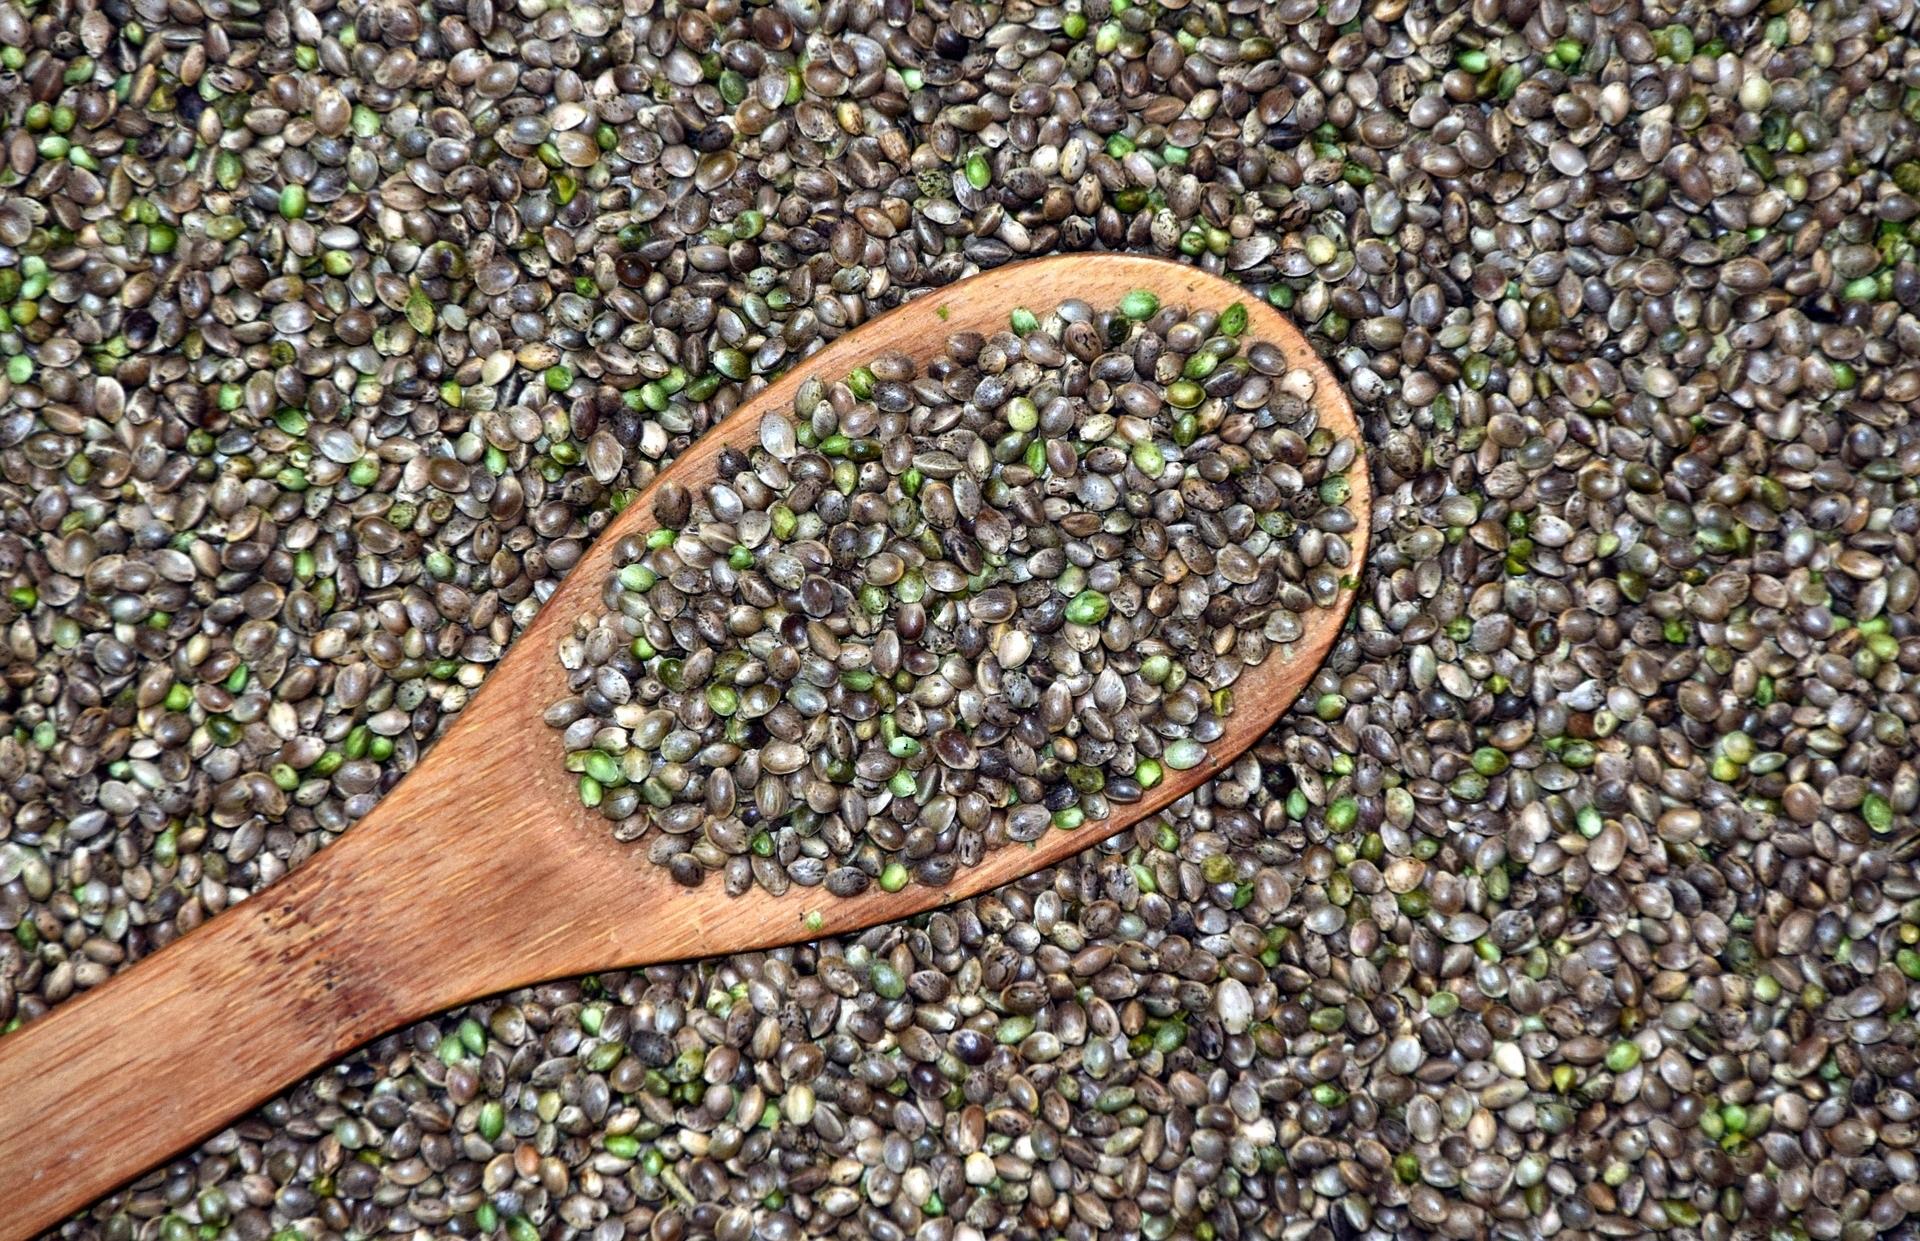 Come usare i semi di canapa per dimagrire: i consigli utili